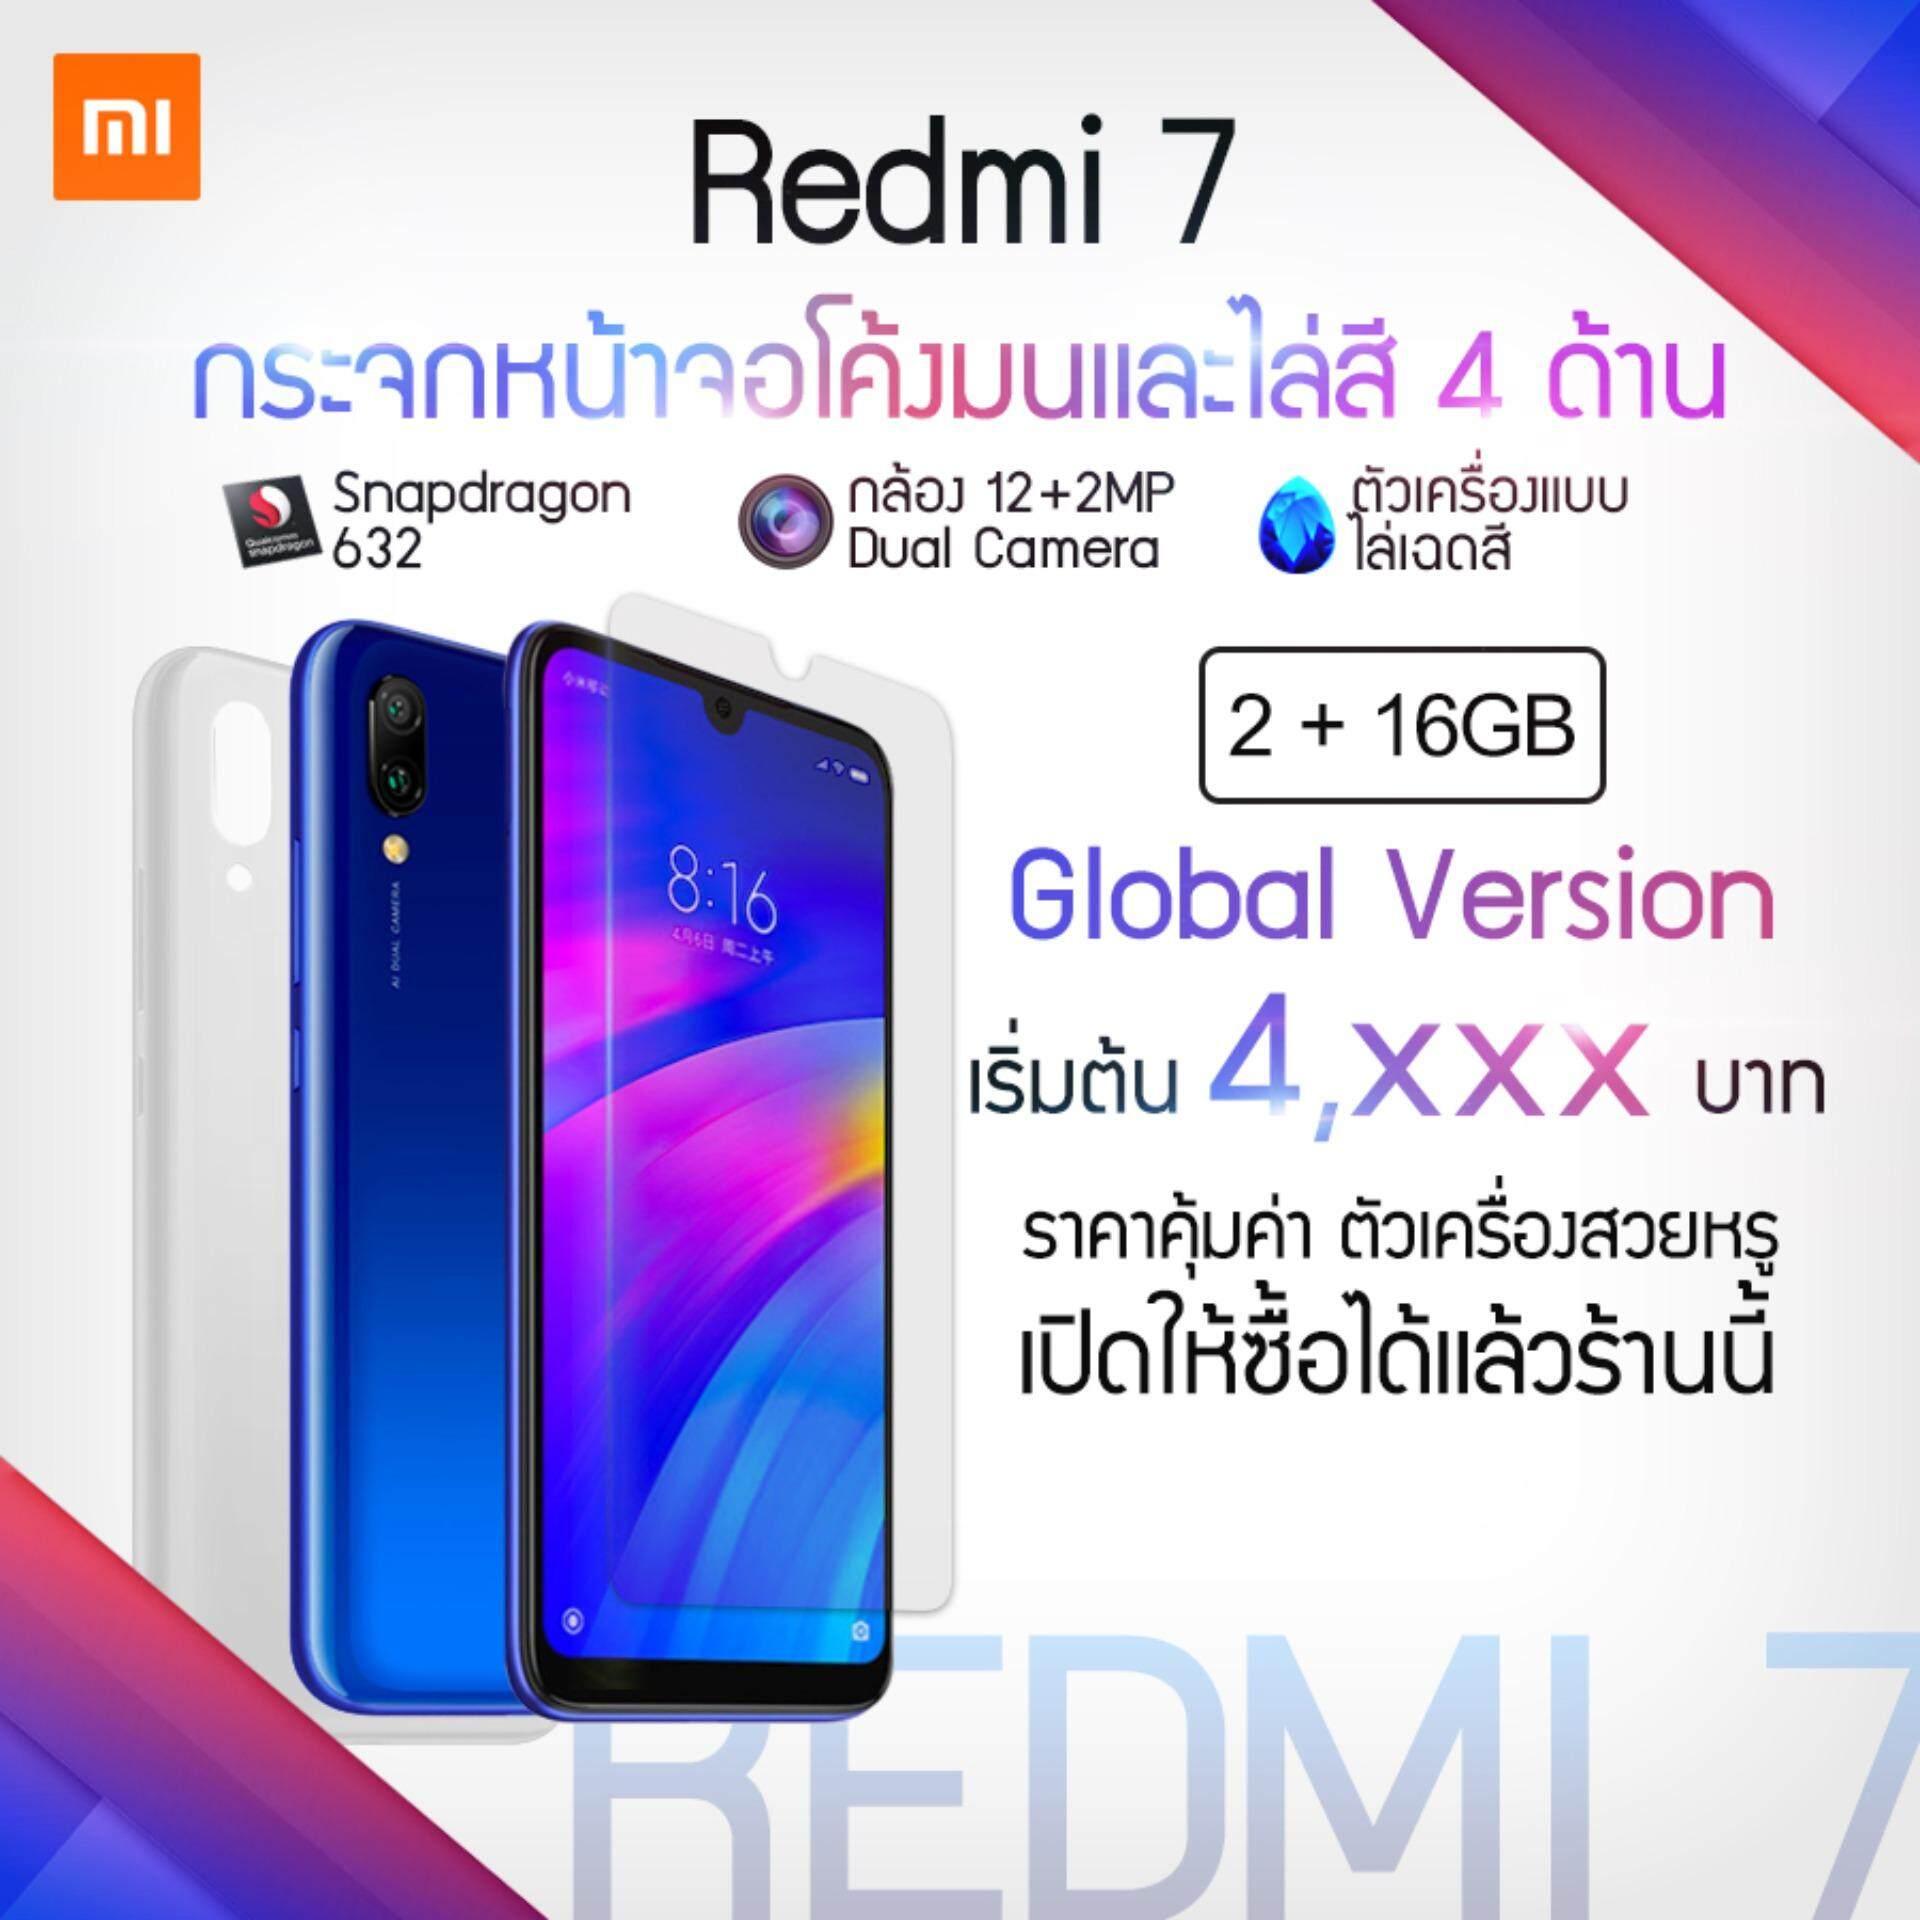 สอนใช้งาน  ยะลา งบน้อย! สเปคเทพ! Xiaomi Redmi 7 2/16 3/32 [Global Version] จอ 6.26 นิ้ว / แบตเตอร์รี่ 4000Mah / Snapdragon 632 Octa Core [รับประกันร้าน 1 ปี] แถมฟรี ฟิล์มกระจก เคสใส mobile phone